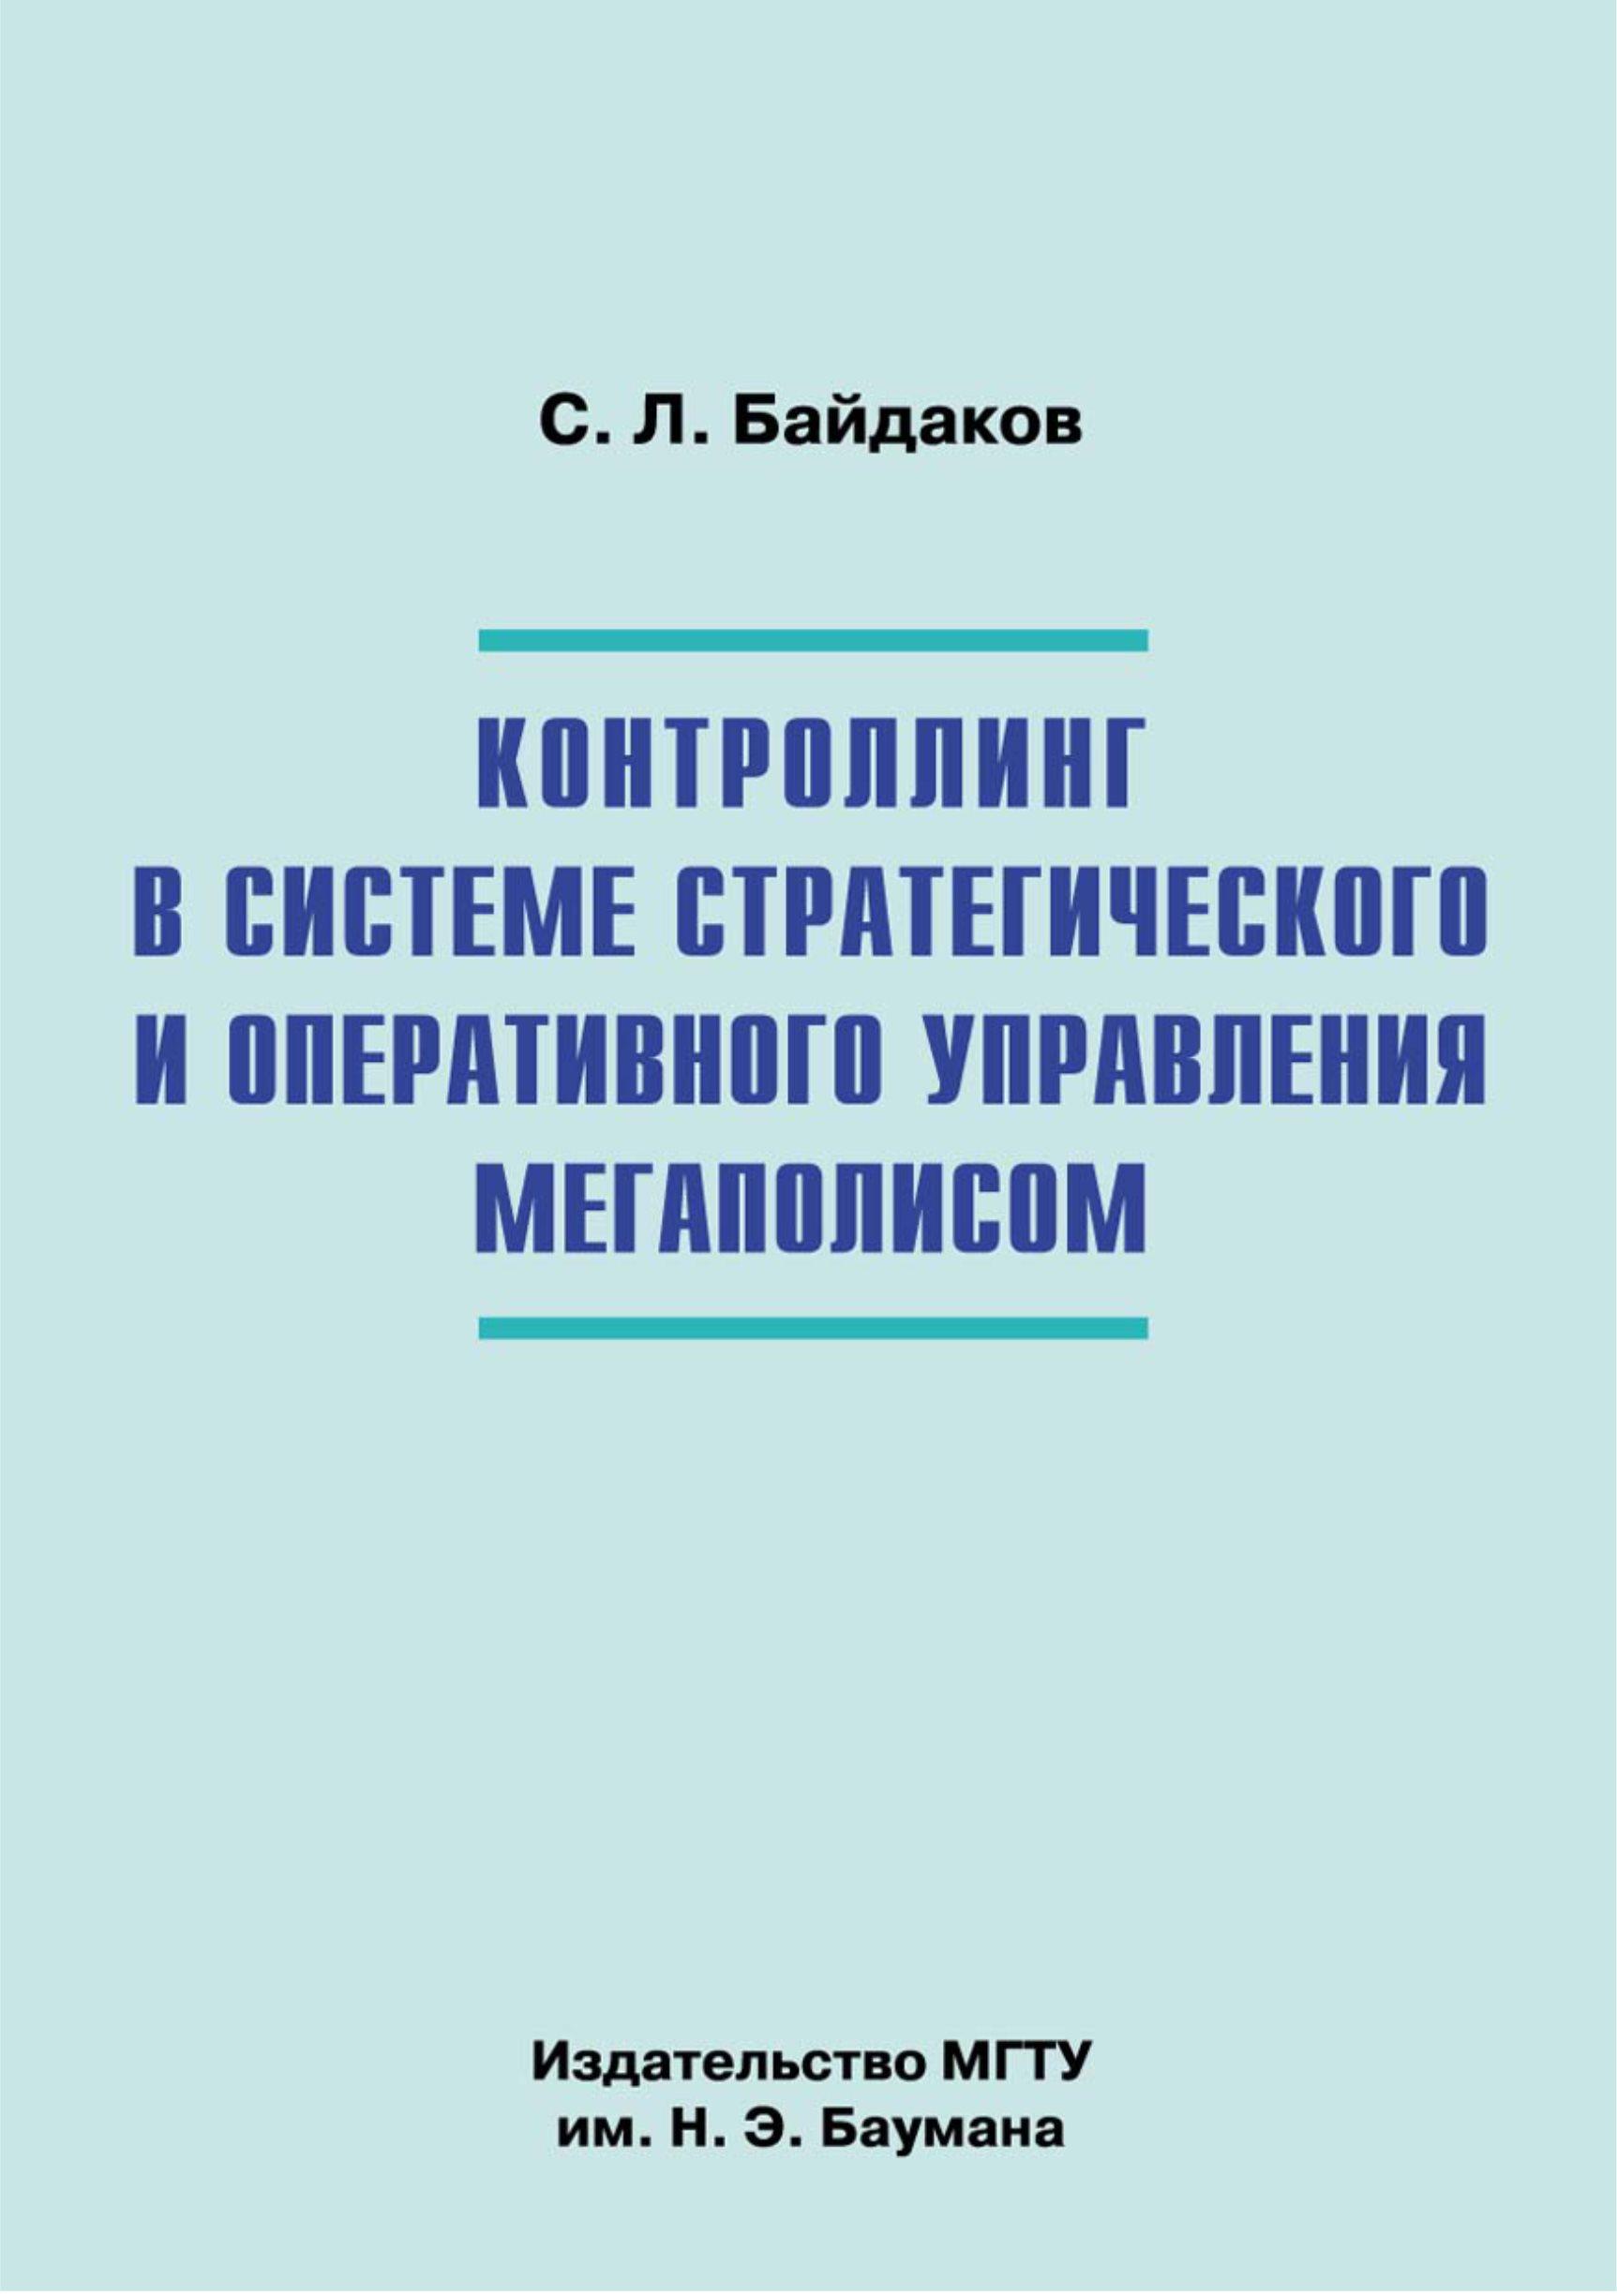 Сергей Байдаков Контроллинг в системе стратегического и оперативного управления мегаполисом